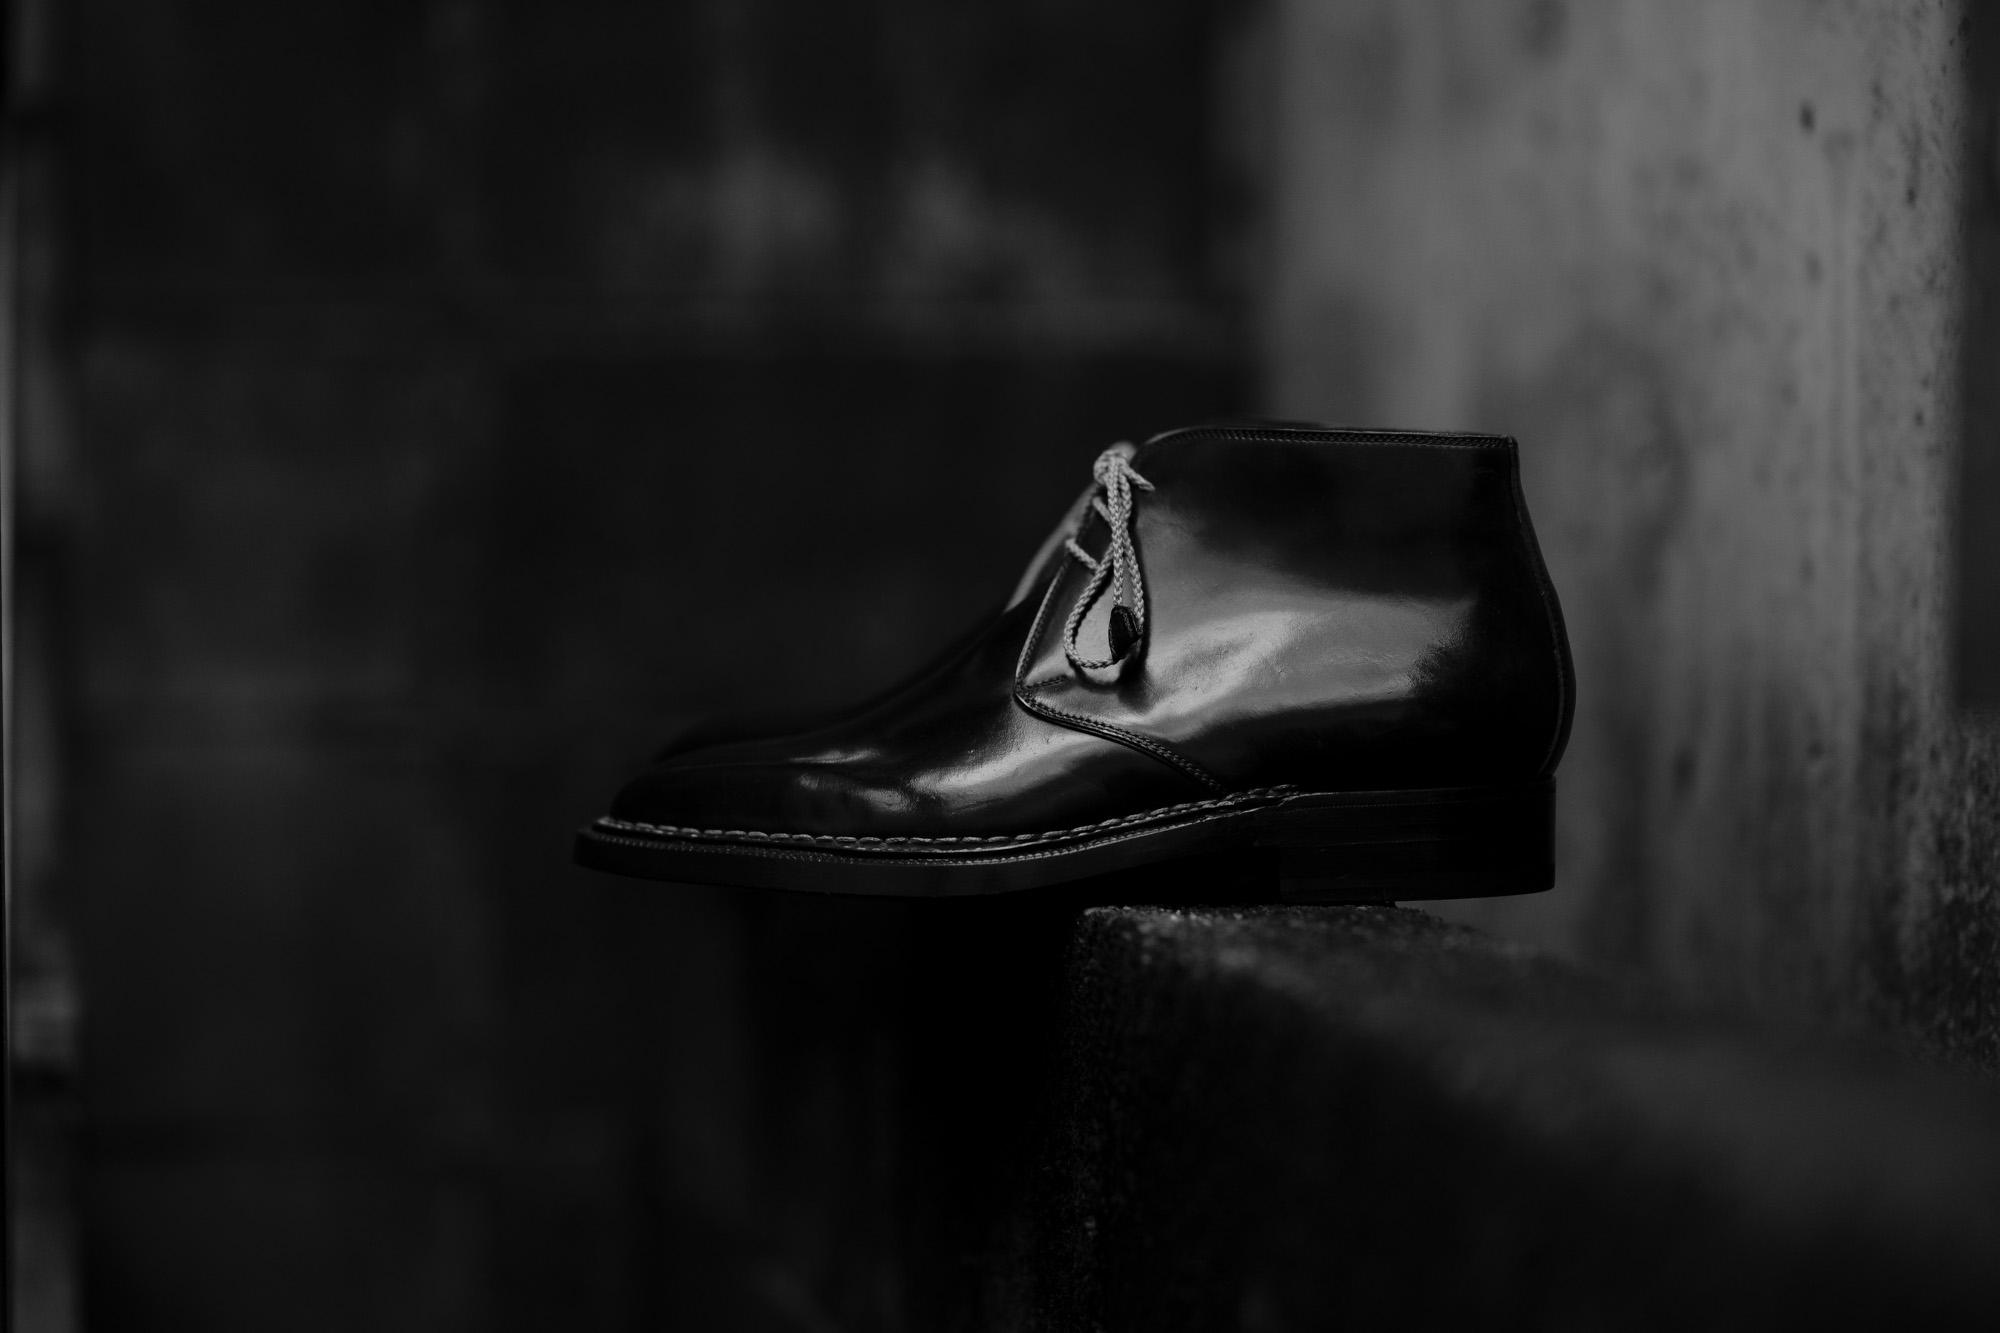 ENZO BONAFE(エンツォボナフェ) ART.3722 Chukka boots チャッカブーツ Horween Shell Cordovan Leather ホーウィン社 シェルコードバンレザー ノルベジェーゼ製法 チャッカブーツ コードバンブーツ NERO(ブラック)  made in italy (イタリア製) 2019 春夏 愛知 名古屋 Alto e Diritto アルト エ デリット エンツォボナフェ コードバン チャッカ 5.5,6,6.5,7,7.5,8,8.5,9,9.5